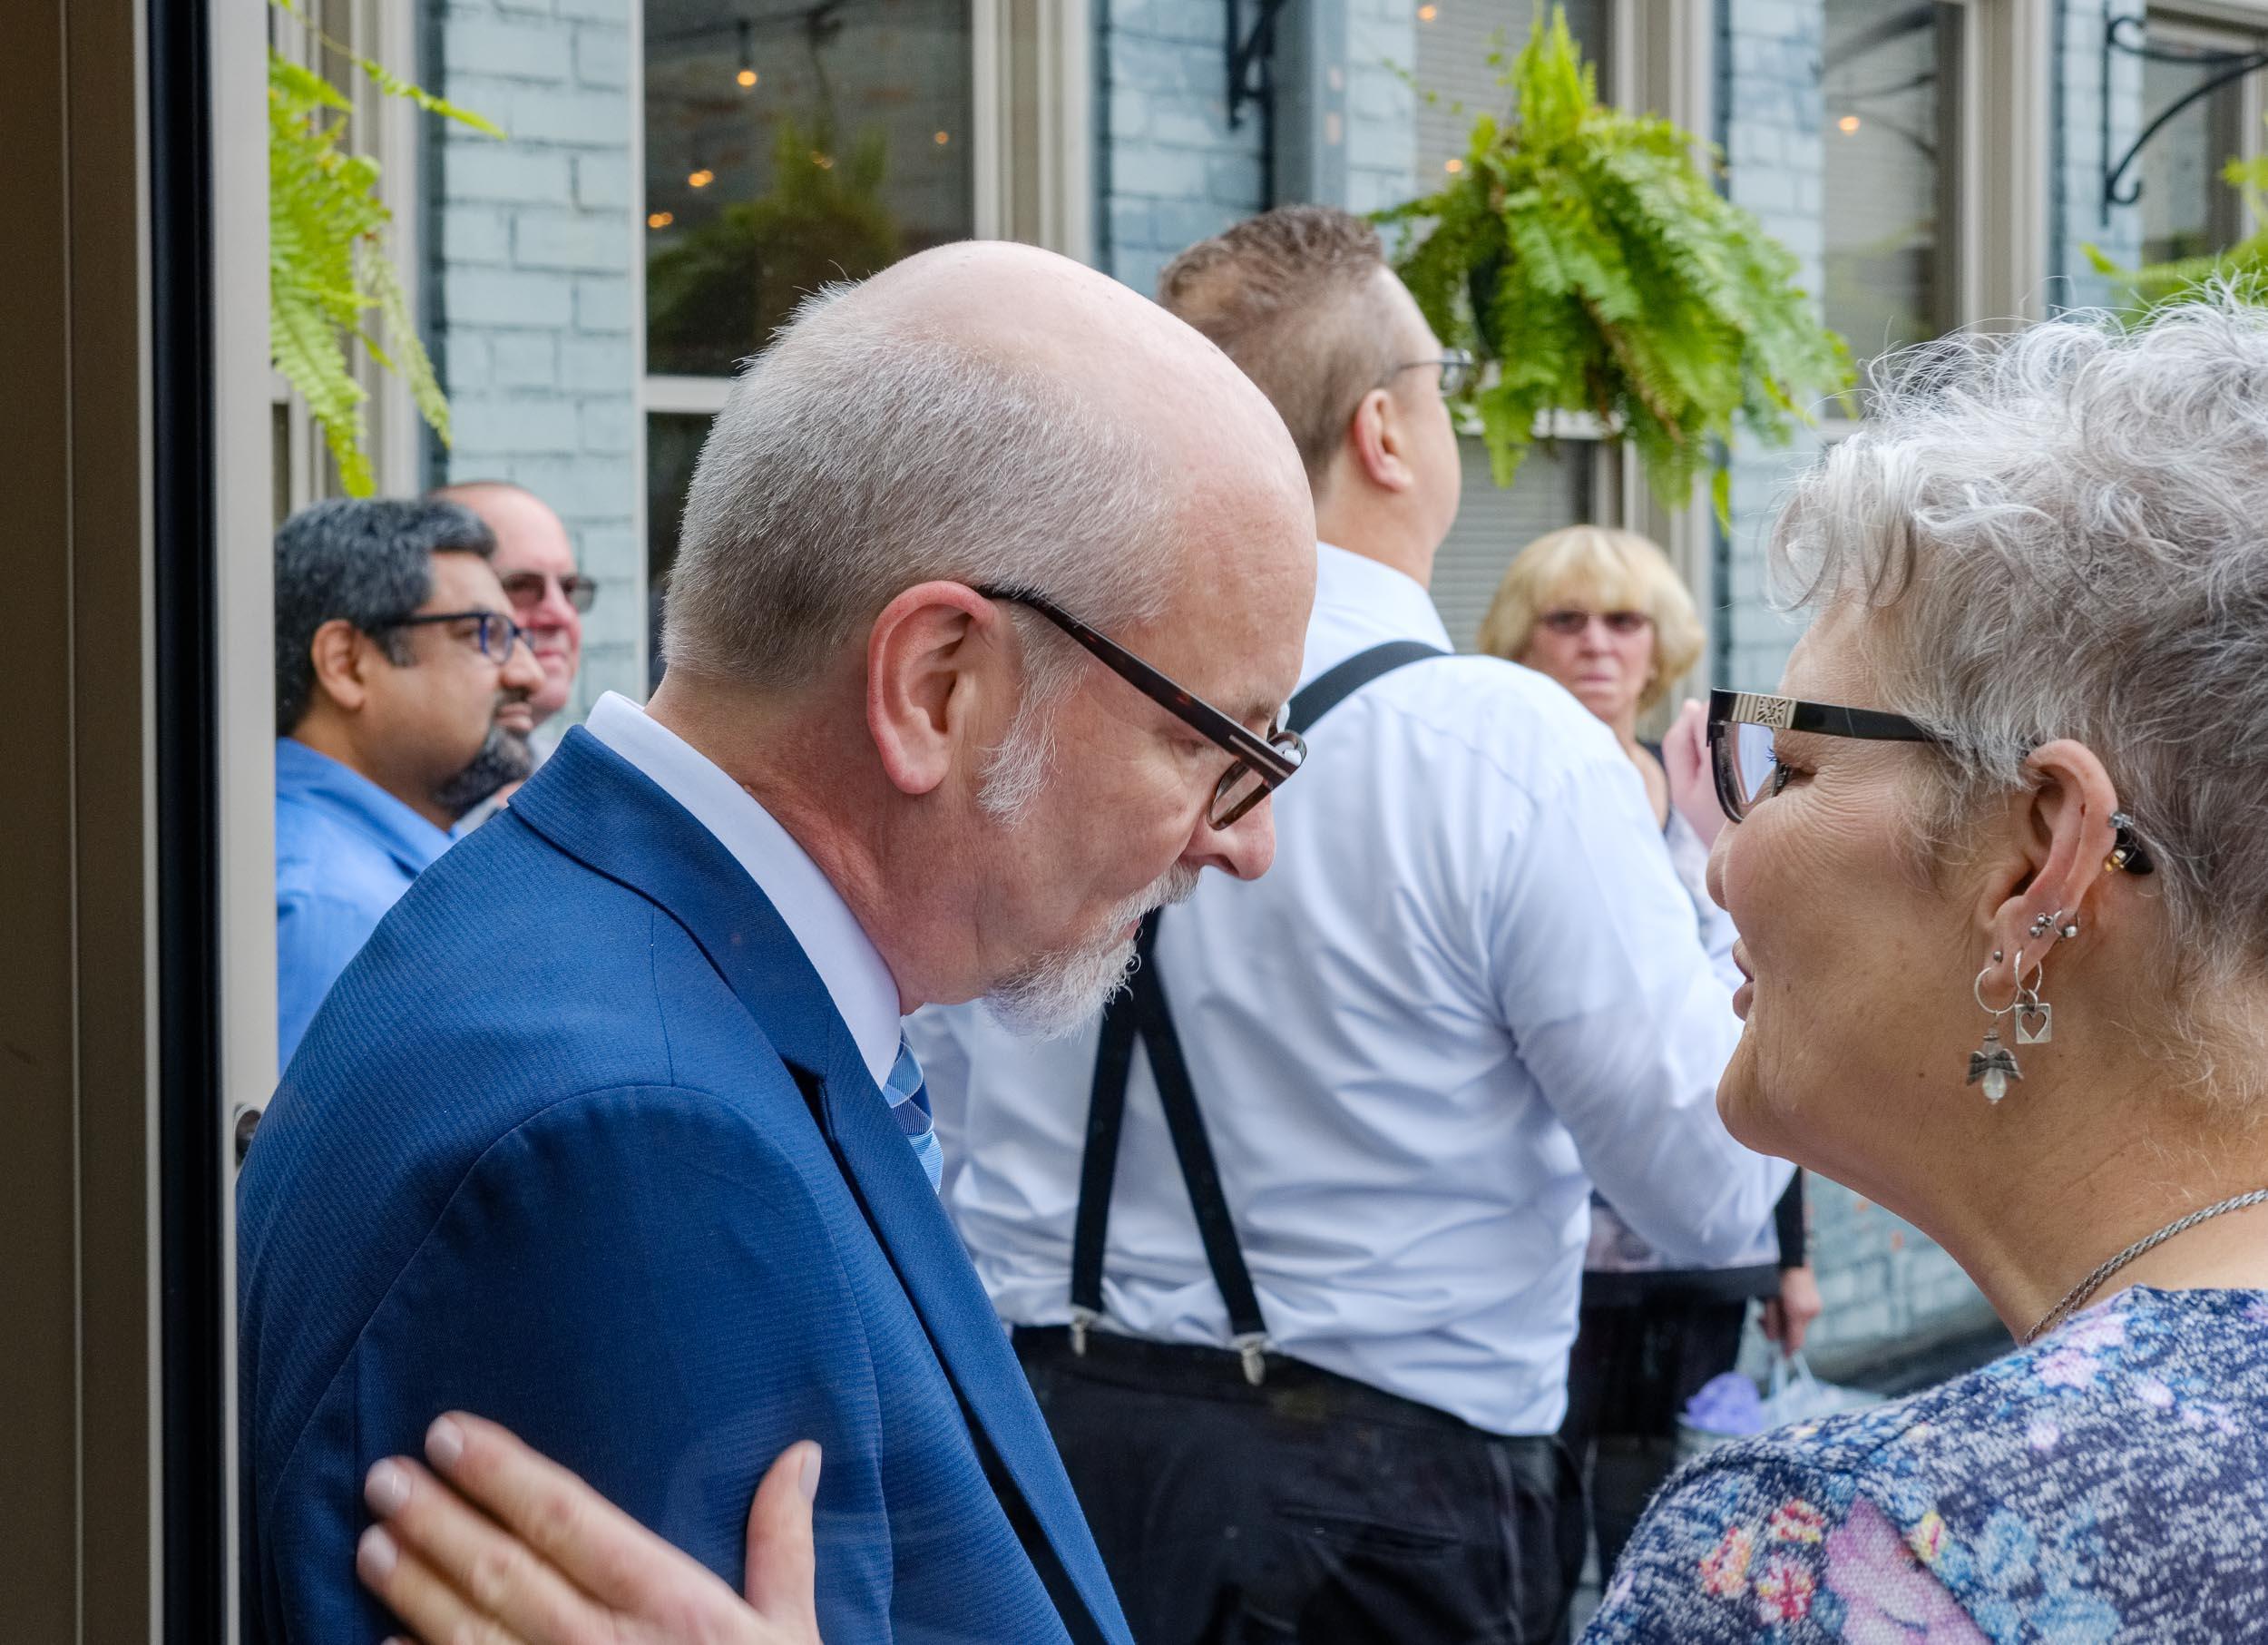 schmidt_wedding-131.jpg